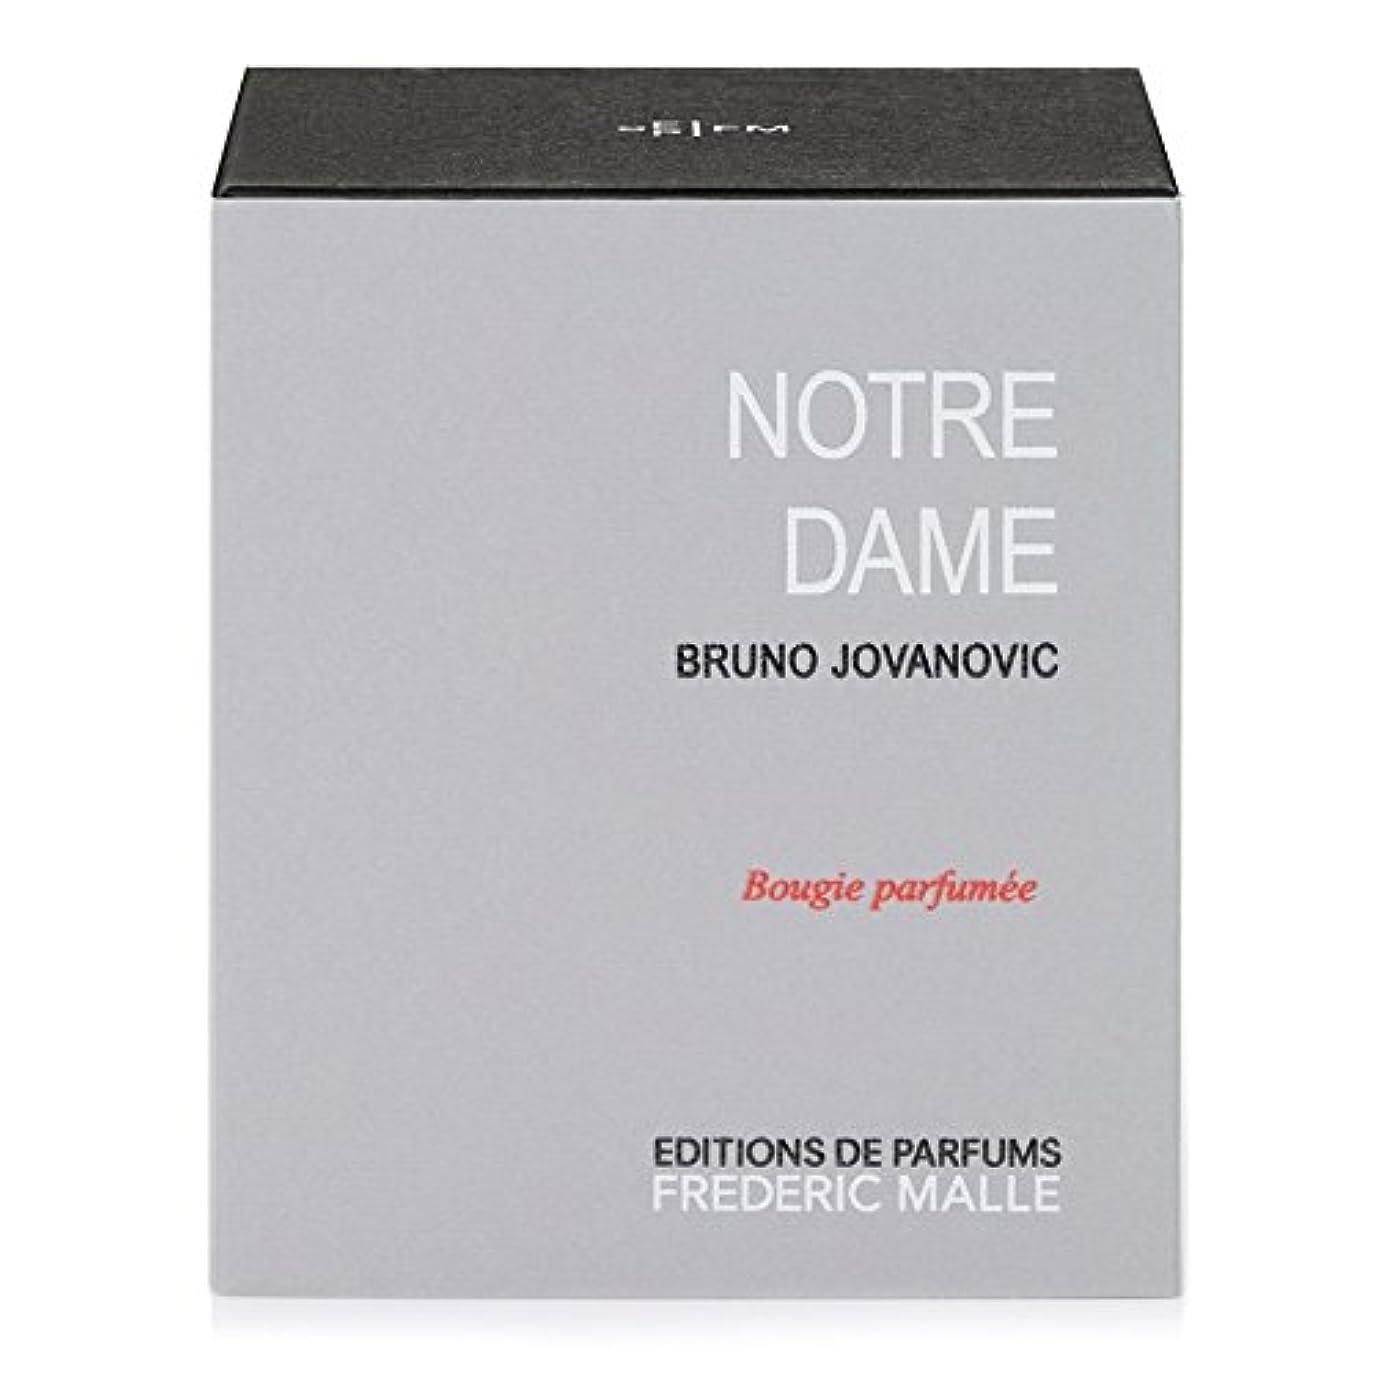 建築キャンパス鈍いフレデリック?マルノートルダム香りのキャンドル220グラム x6 - Frederic Malle Notre Dame Scented Candle 220g (Pack of 6) [並行輸入品]